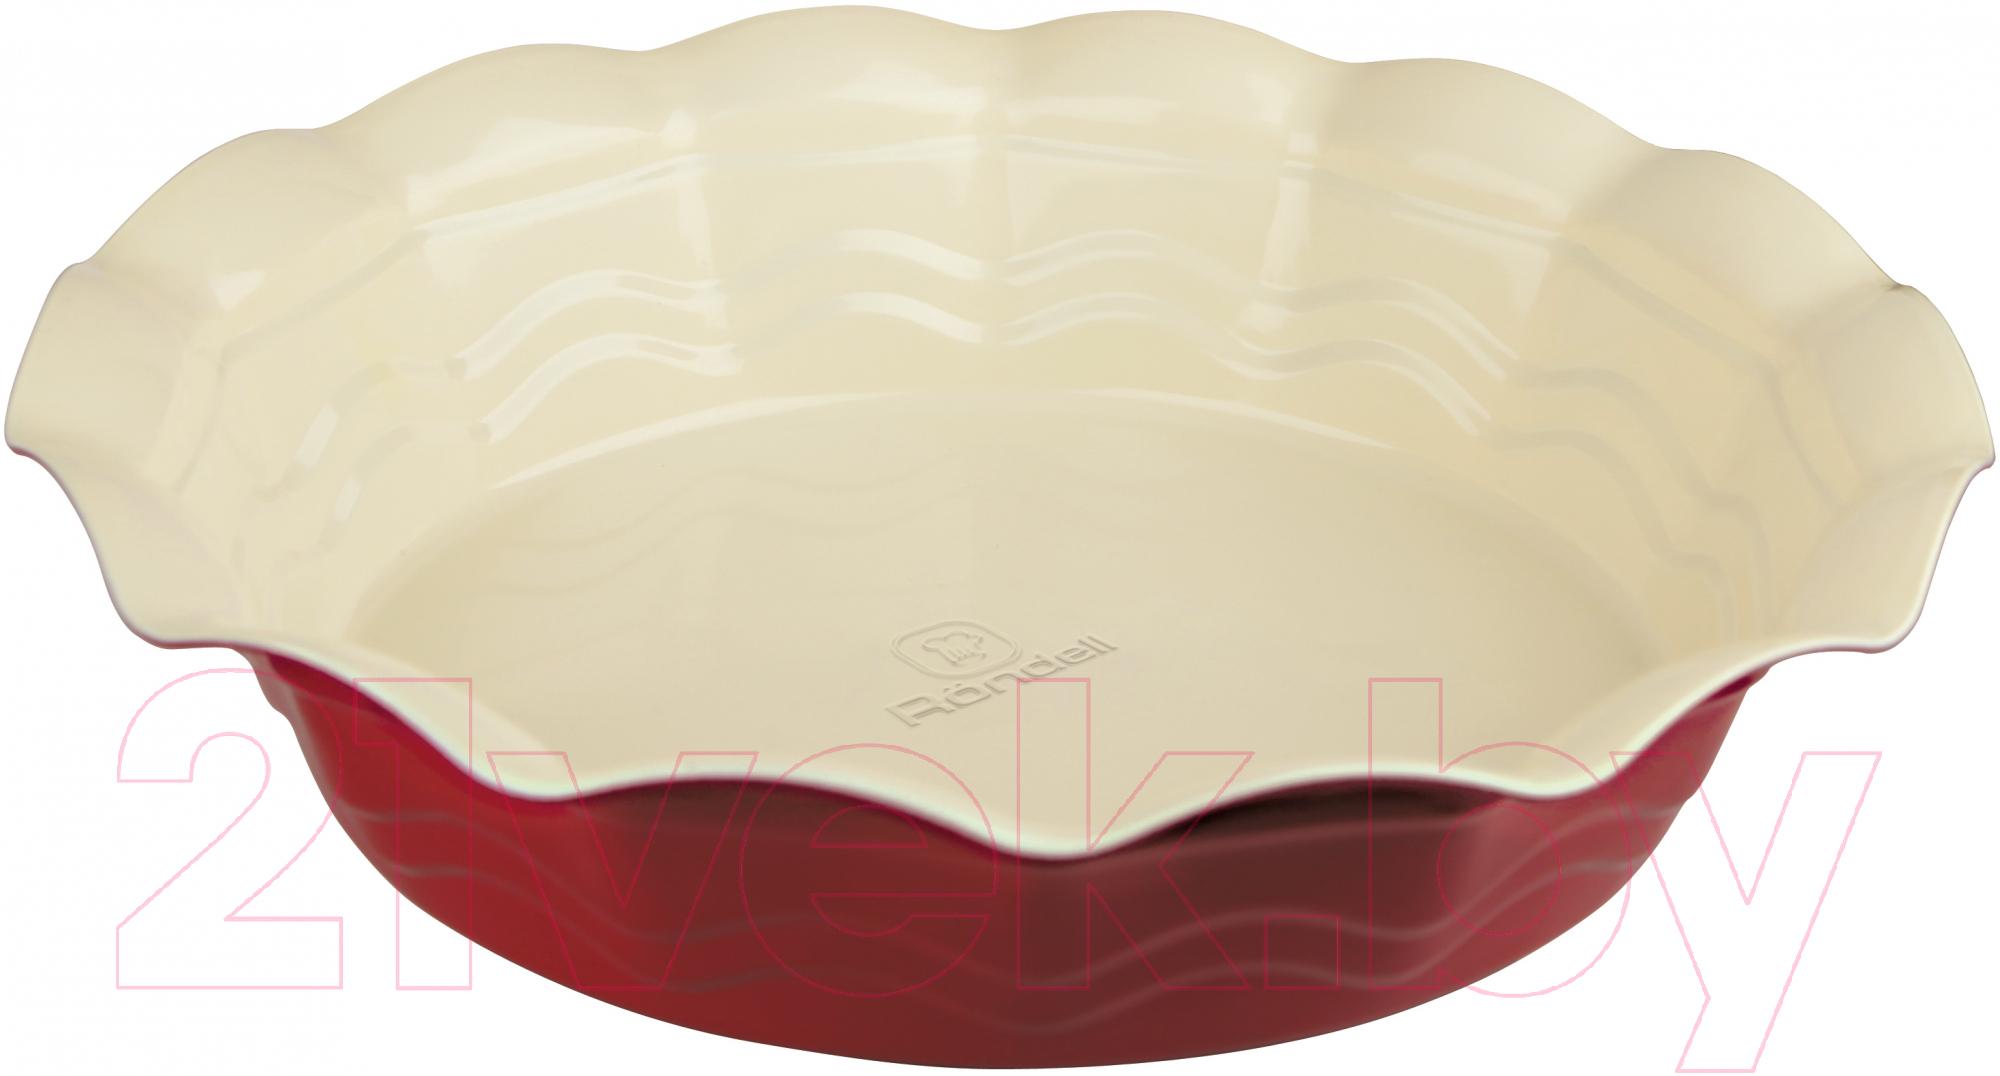 Купить Форма для выпечки Rondell, RDF-435, Китай, углеродистая сталь